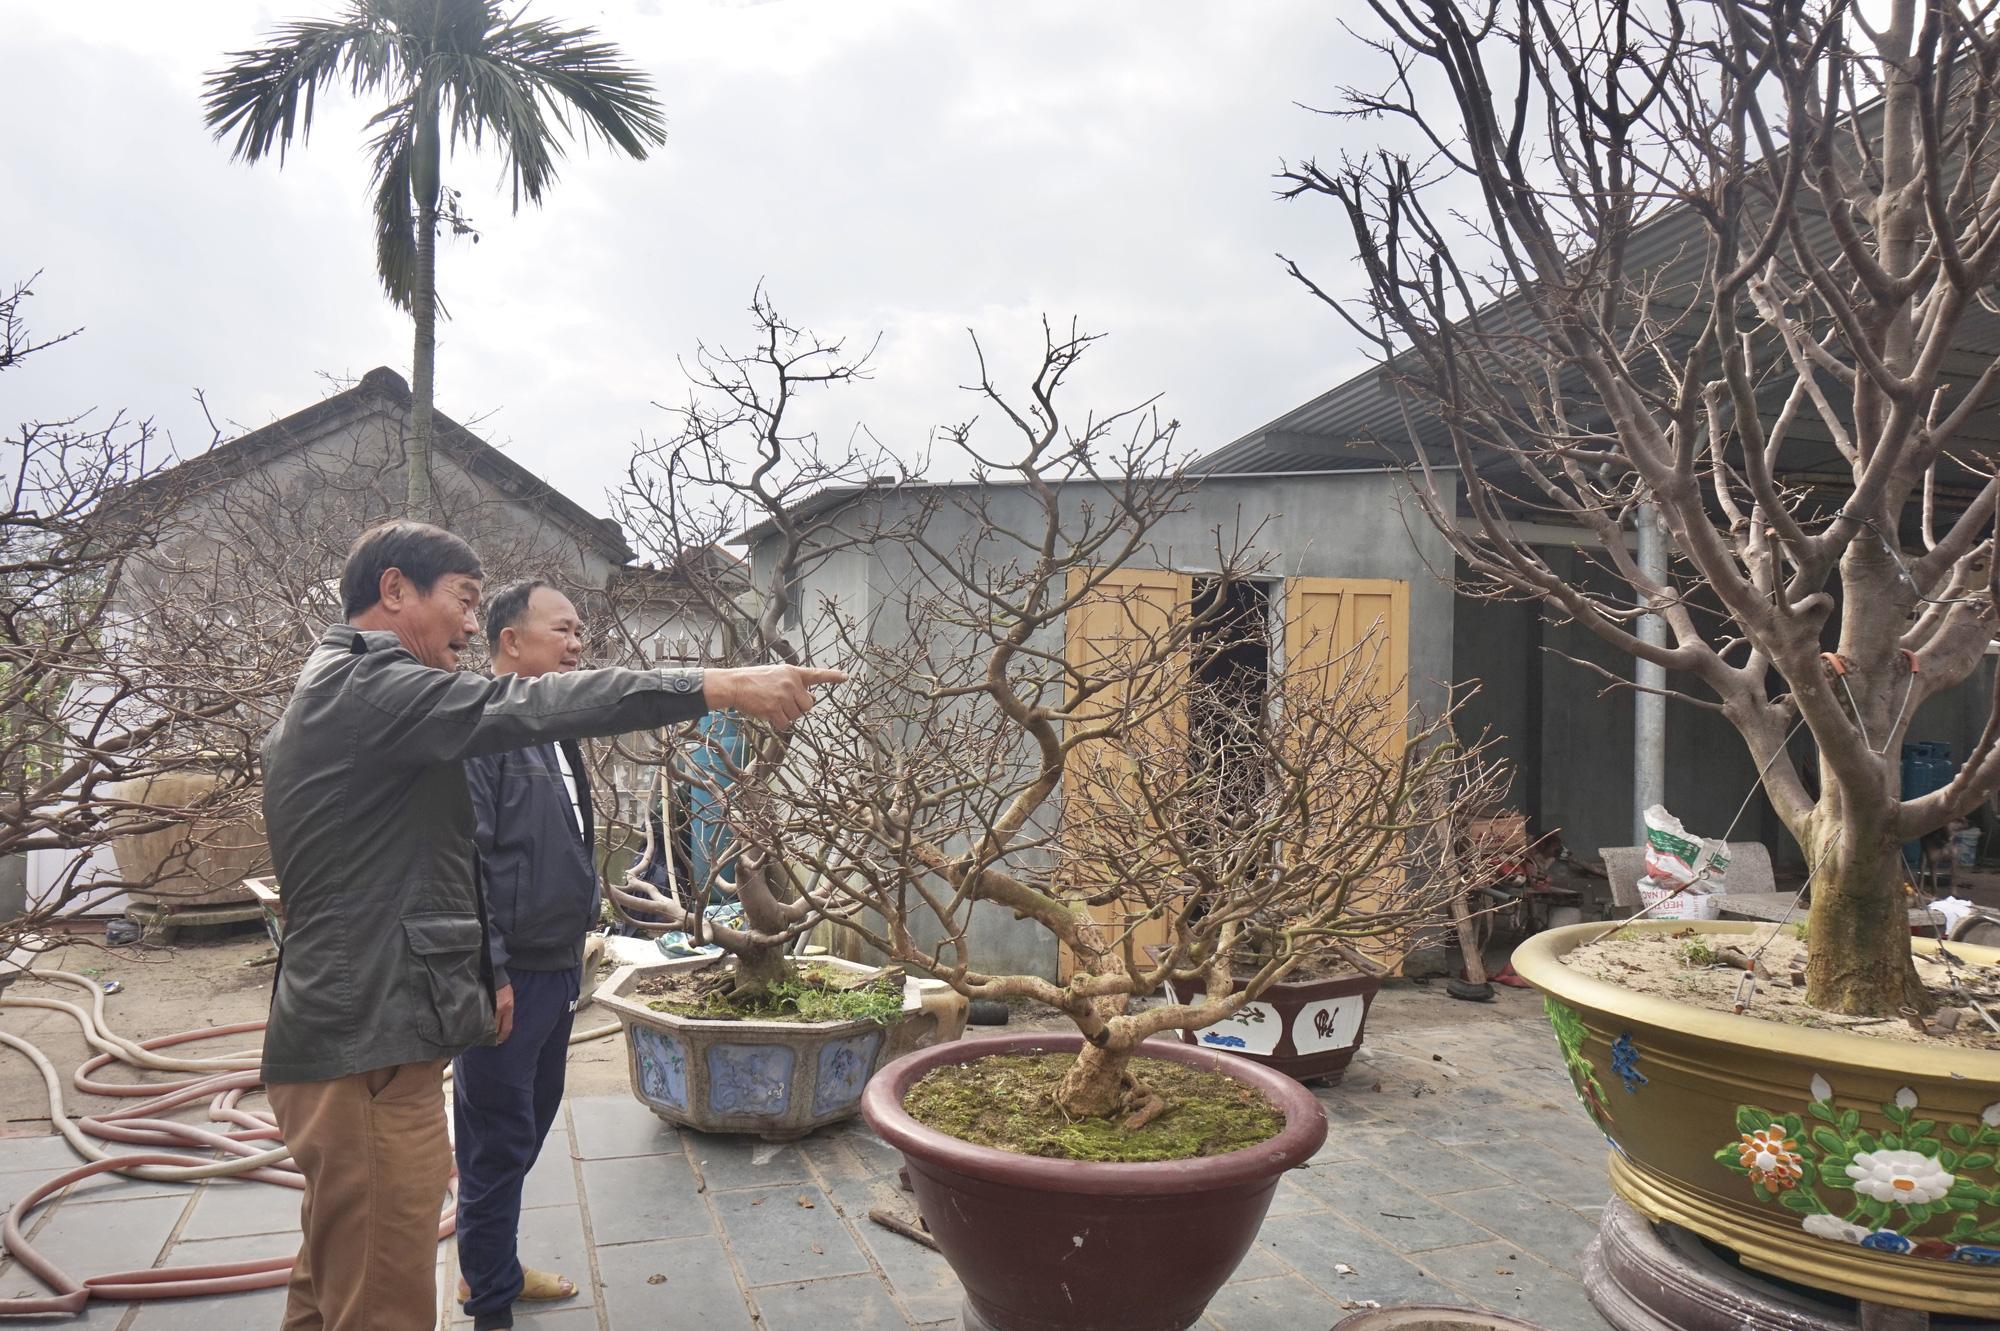 """Quảng Nam: Sở hữu vườn mai """"khủng"""", U70 được mệnh danh là """"Đệ nhất danh mai xứ Quảng"""" - Ảnh 2."""